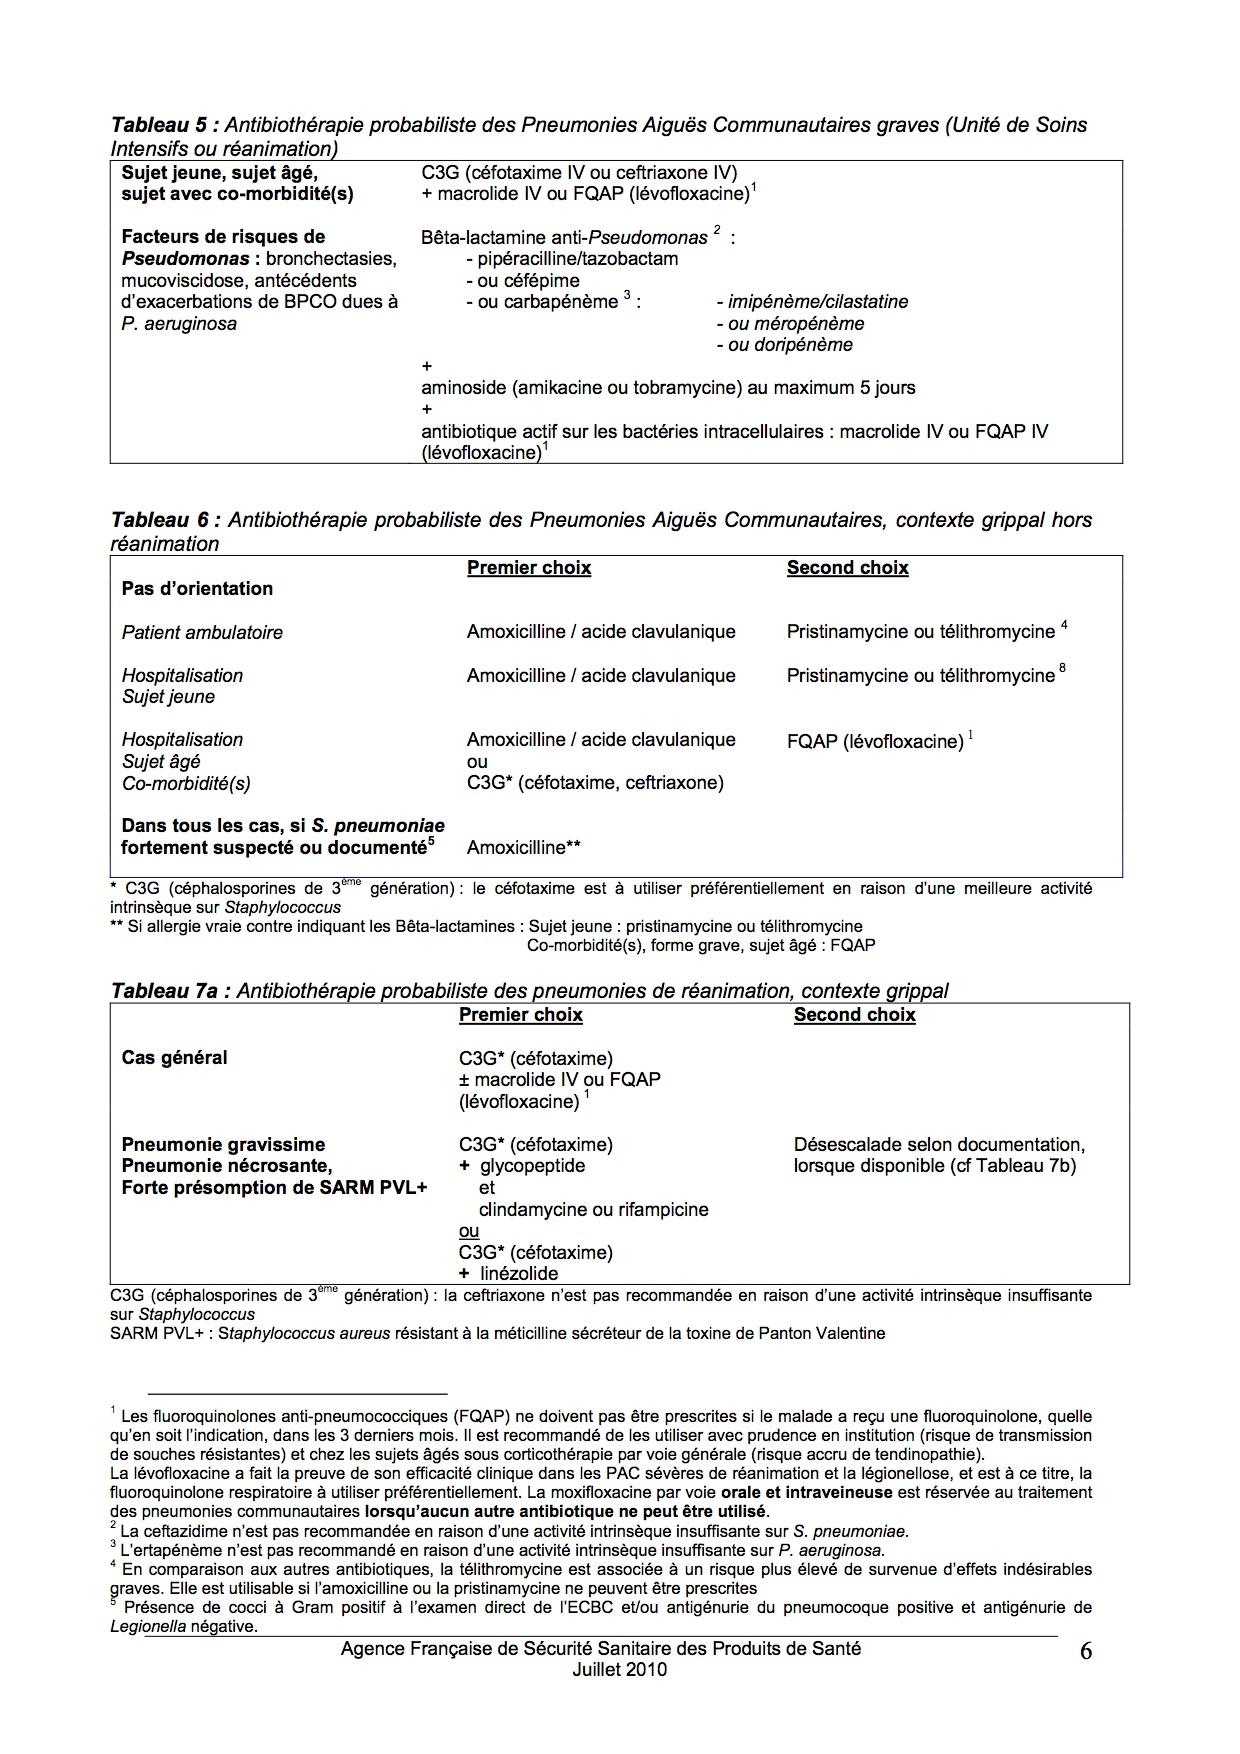 Amoxil Dosage For Chlamydia